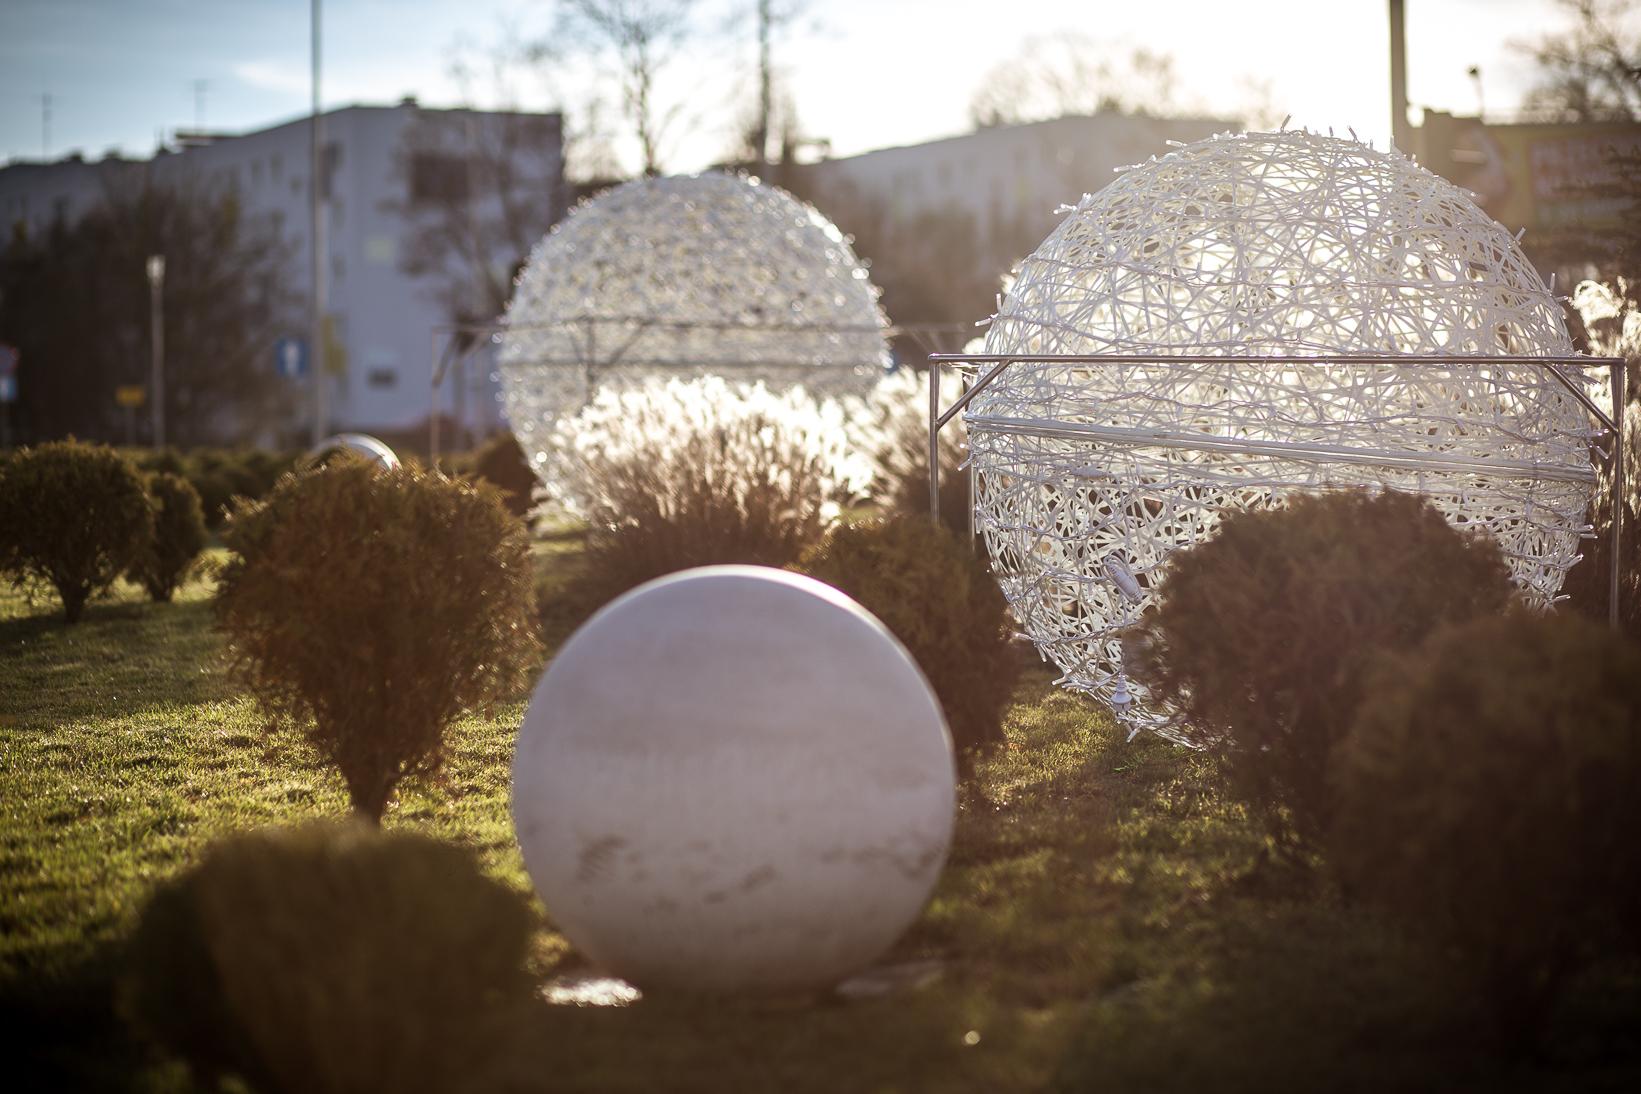 ażurowe dekoracje terrachristmas zielona góra rondo